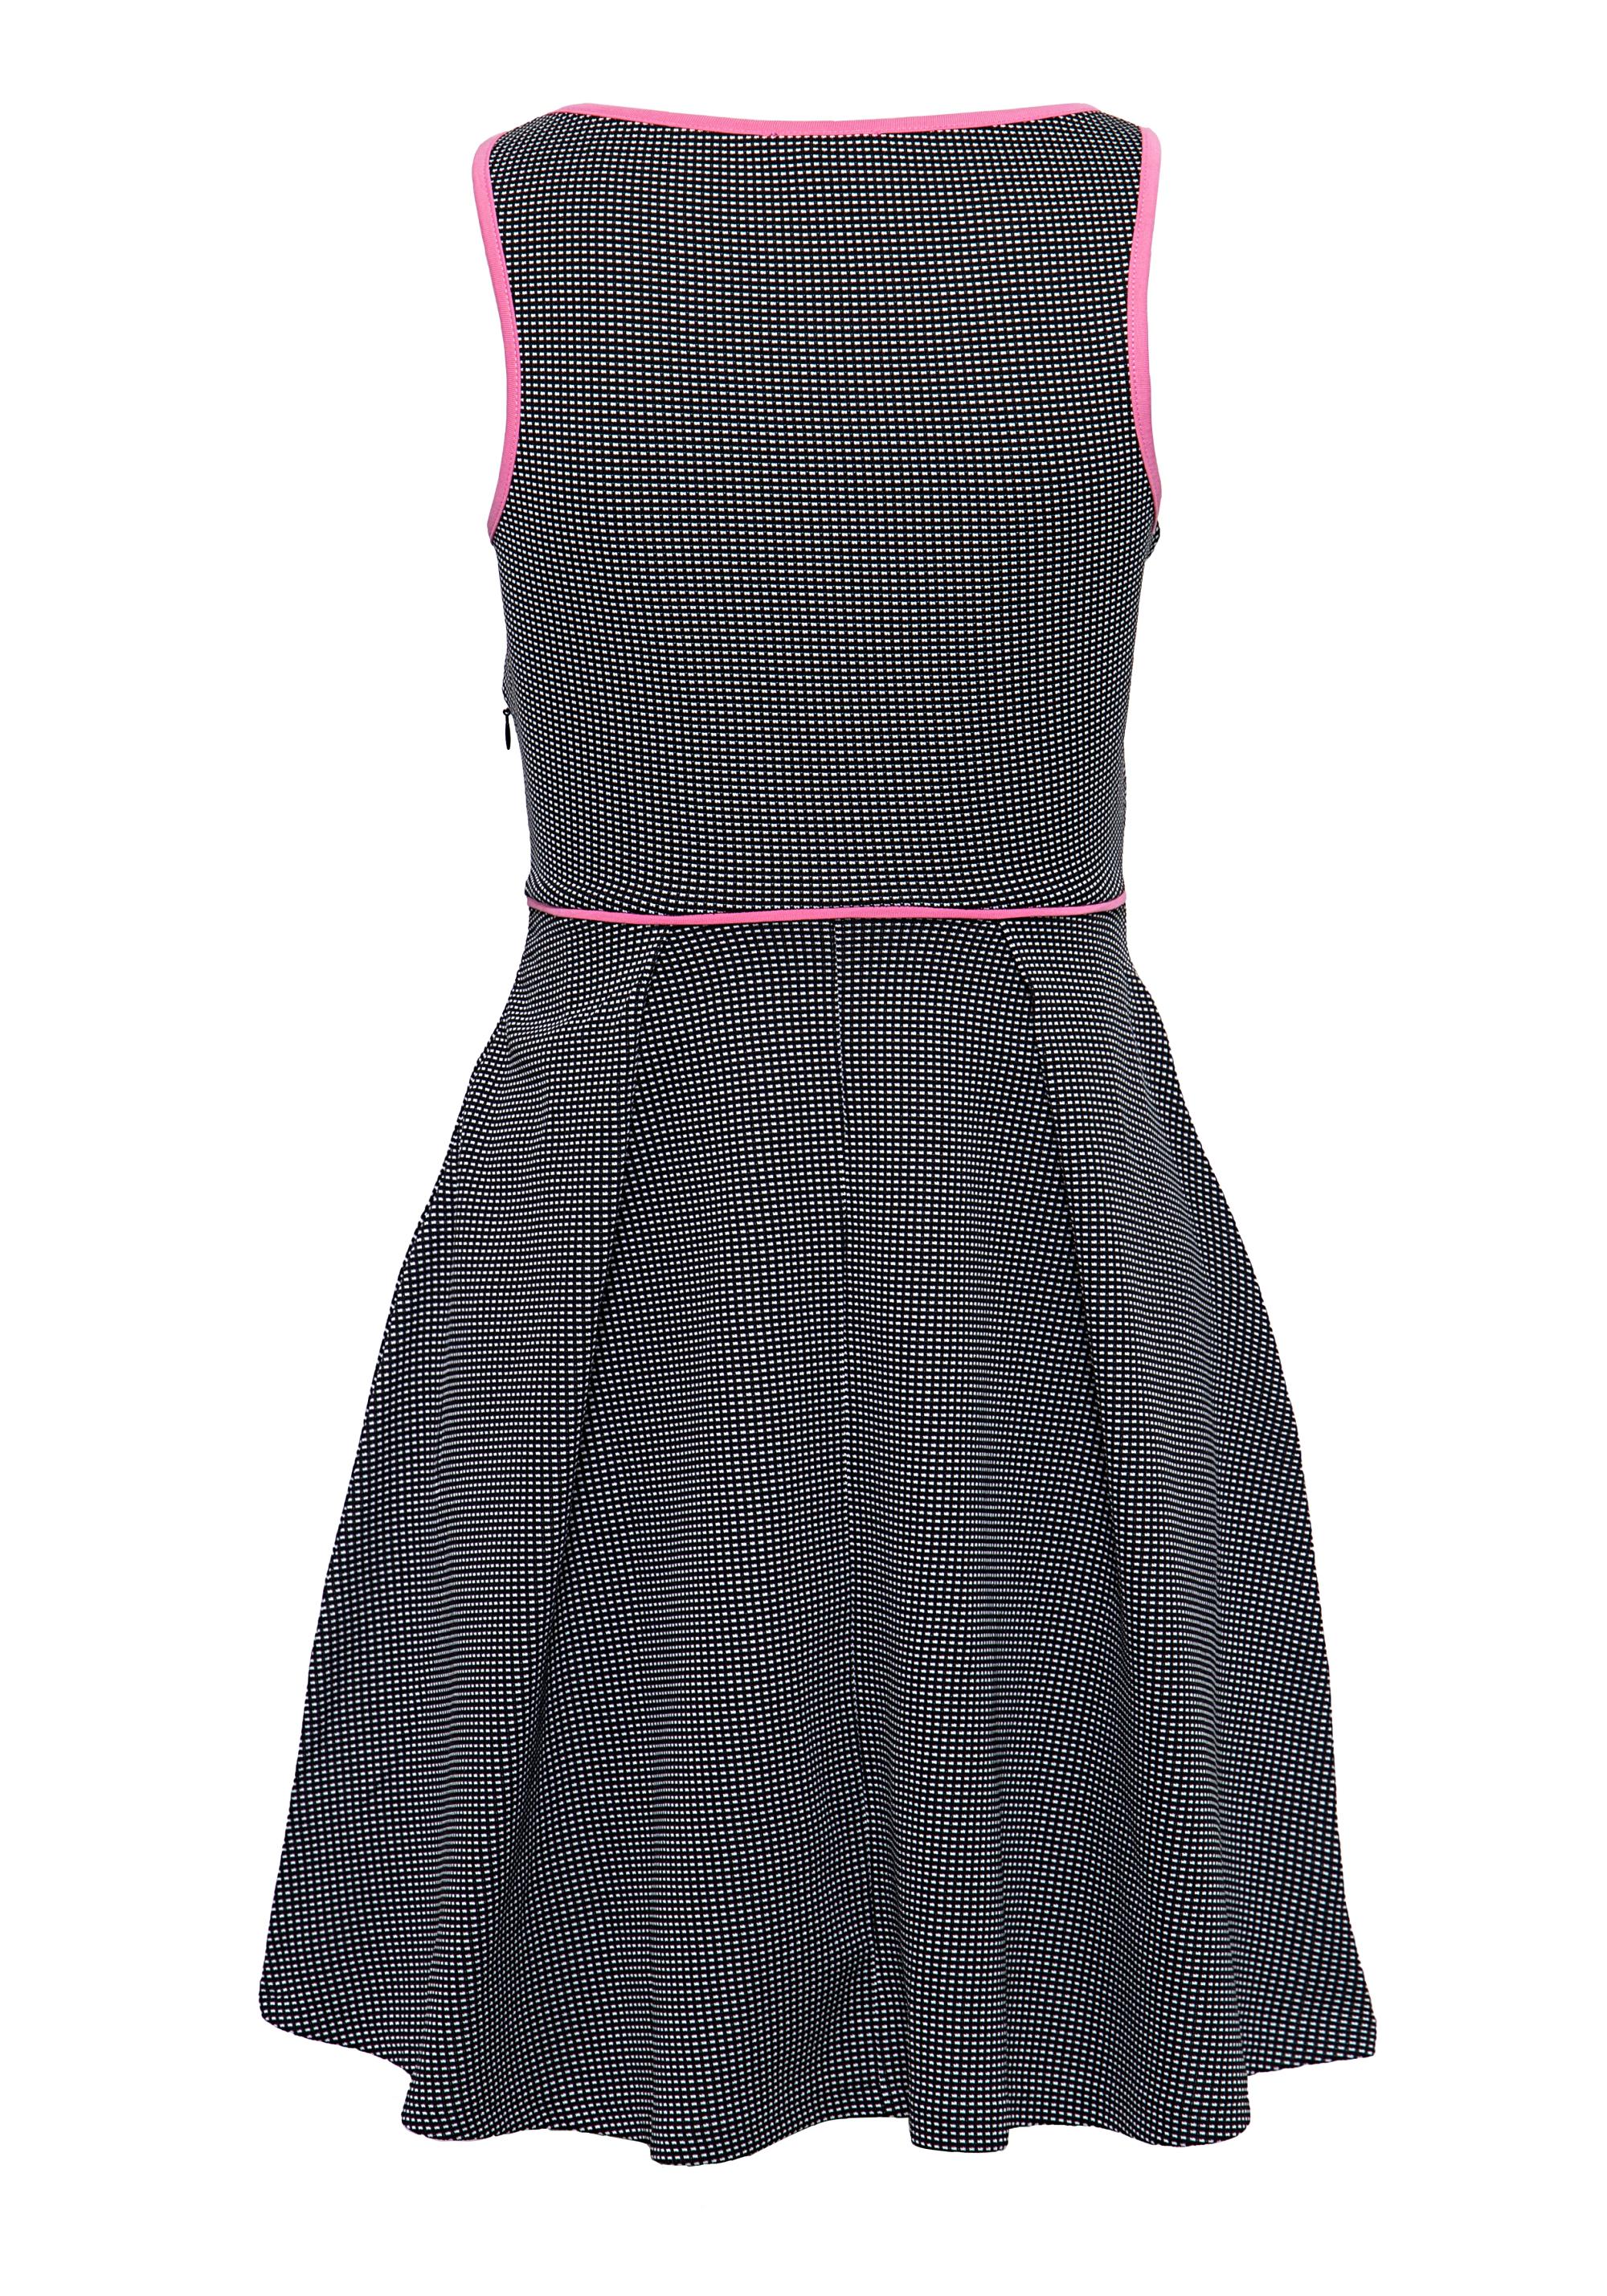 d7982561a145f MEXX Tailliertes Kleid mit kontrastierenden Einfassungen